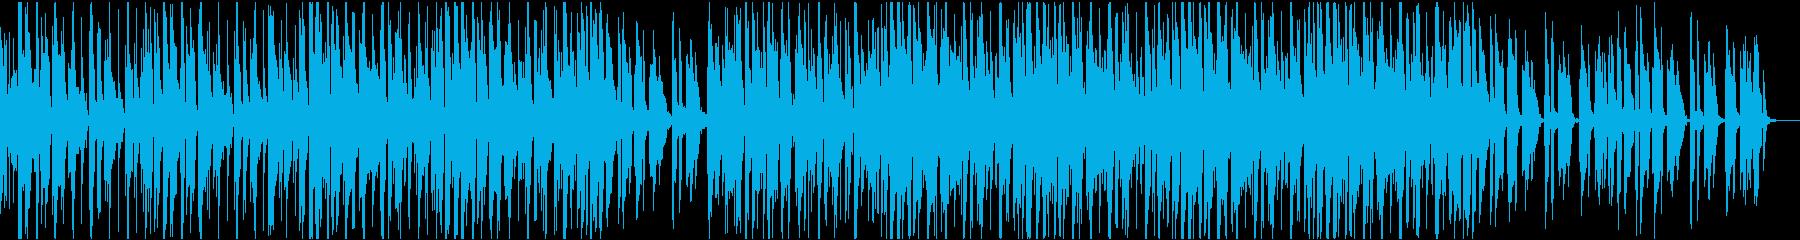 アコースティックなチルビートの再生済みの波形